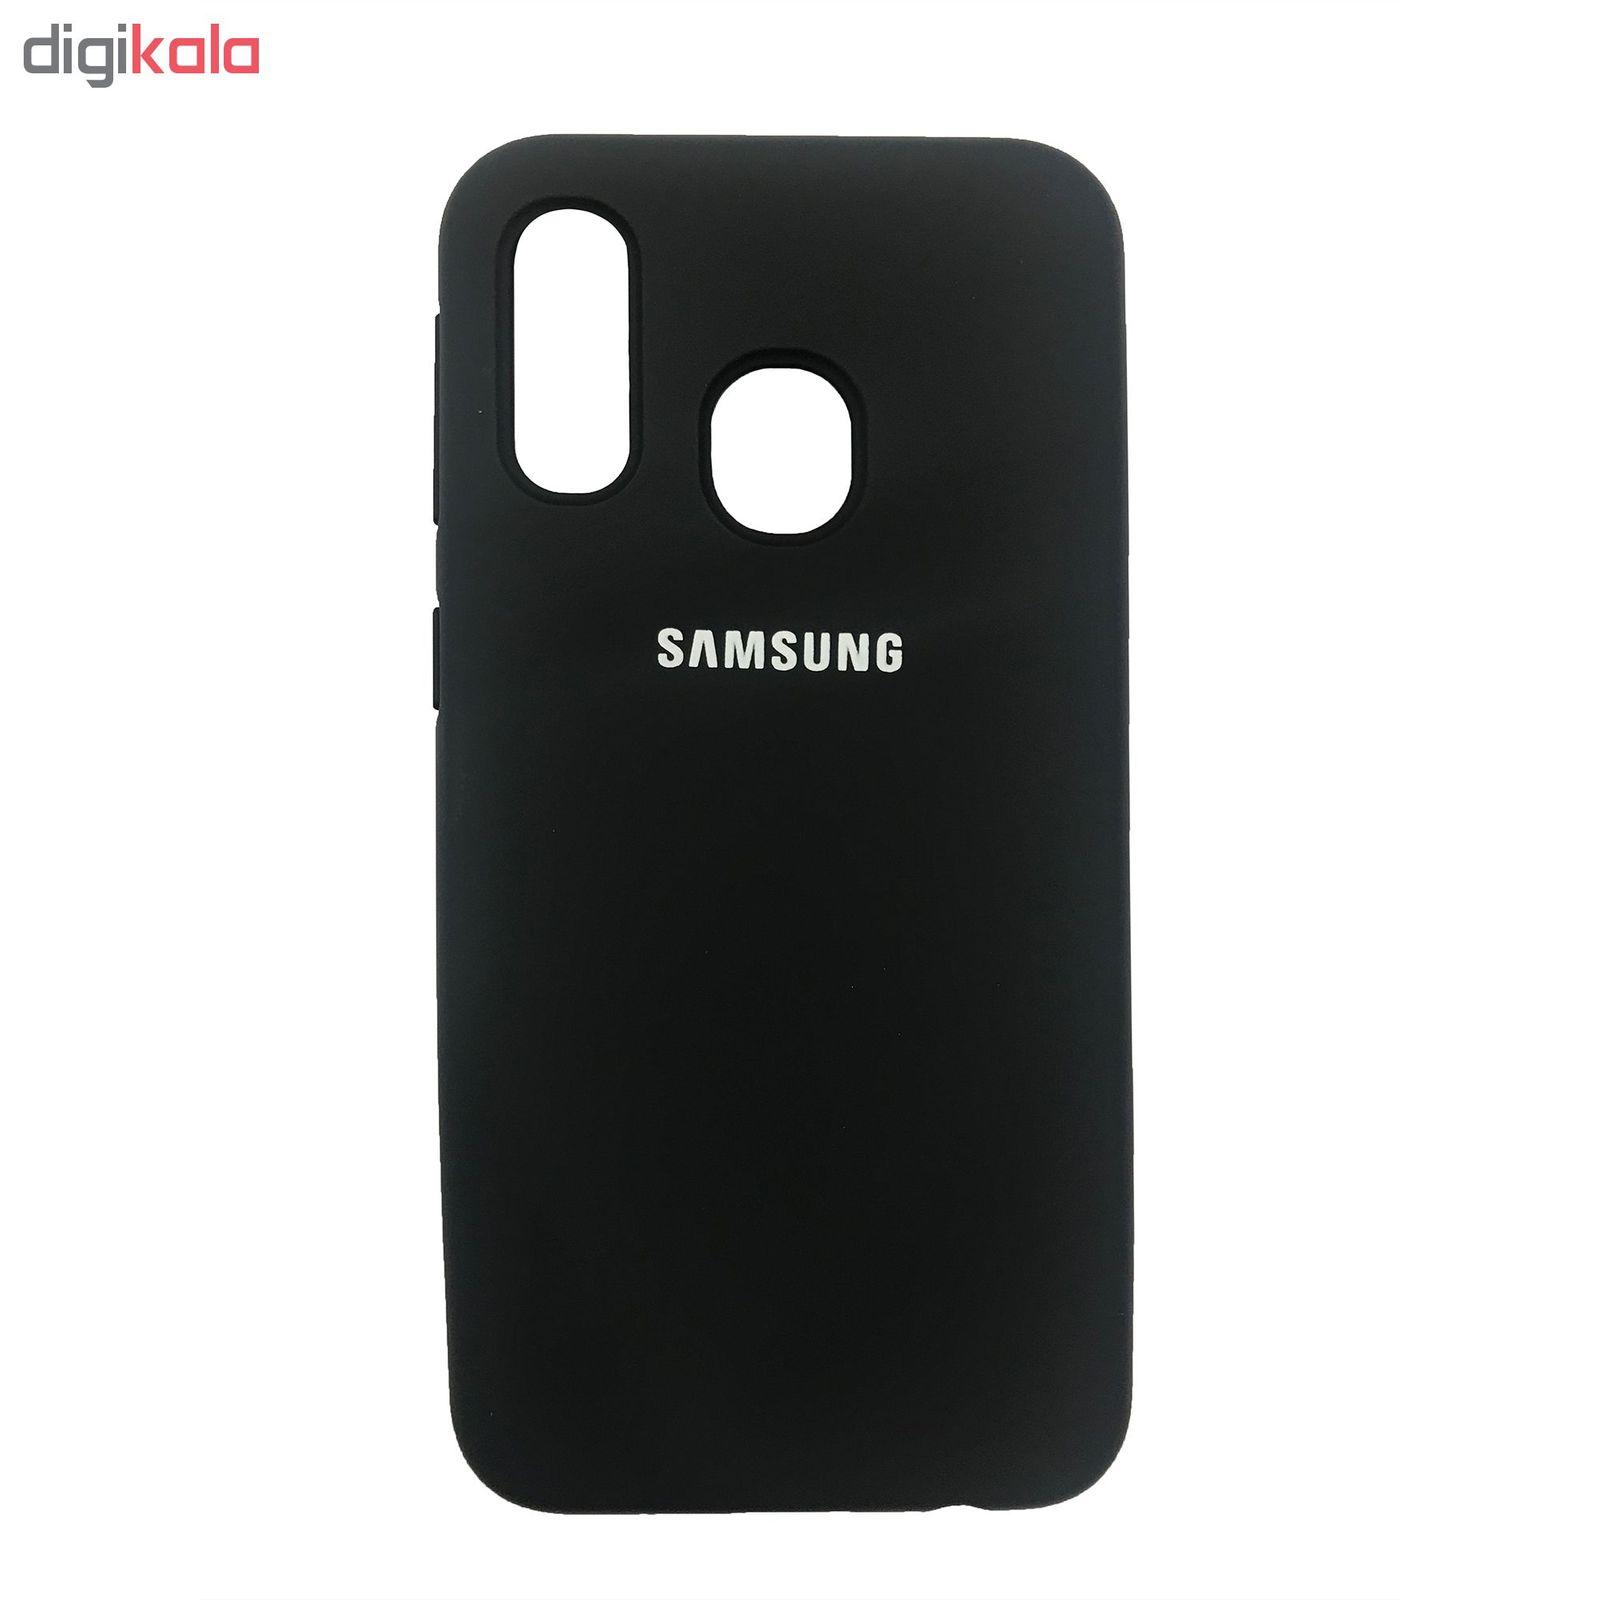 کاور مدل SIL-03 مناسب برای گوشی موبایل سامسونگ Galaxy A40 main 1 1